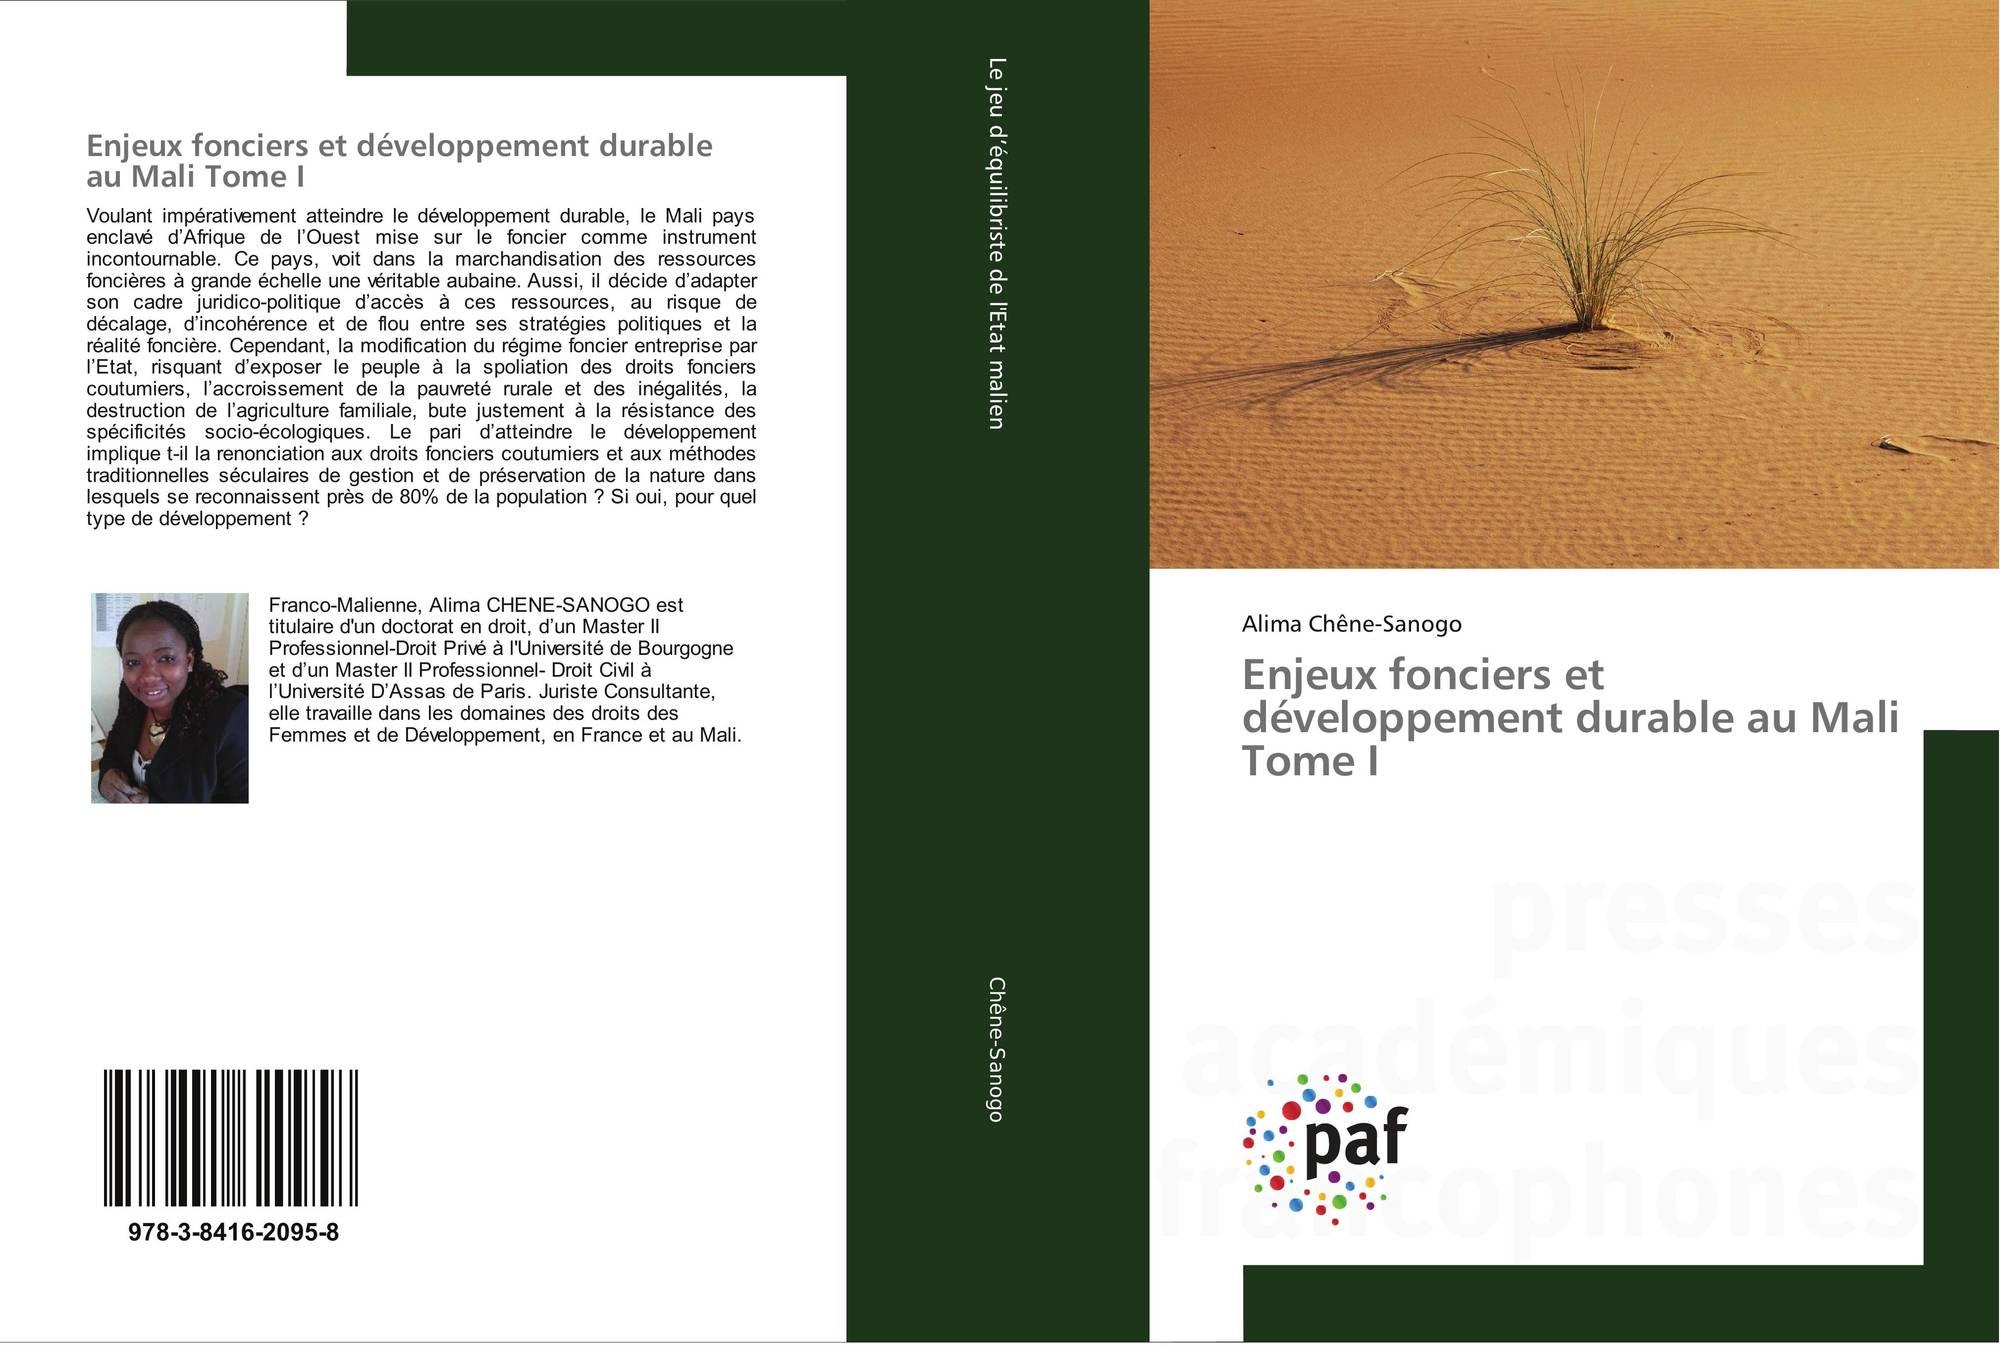 Enjeux fonciers et développement durable au Mali Tome I